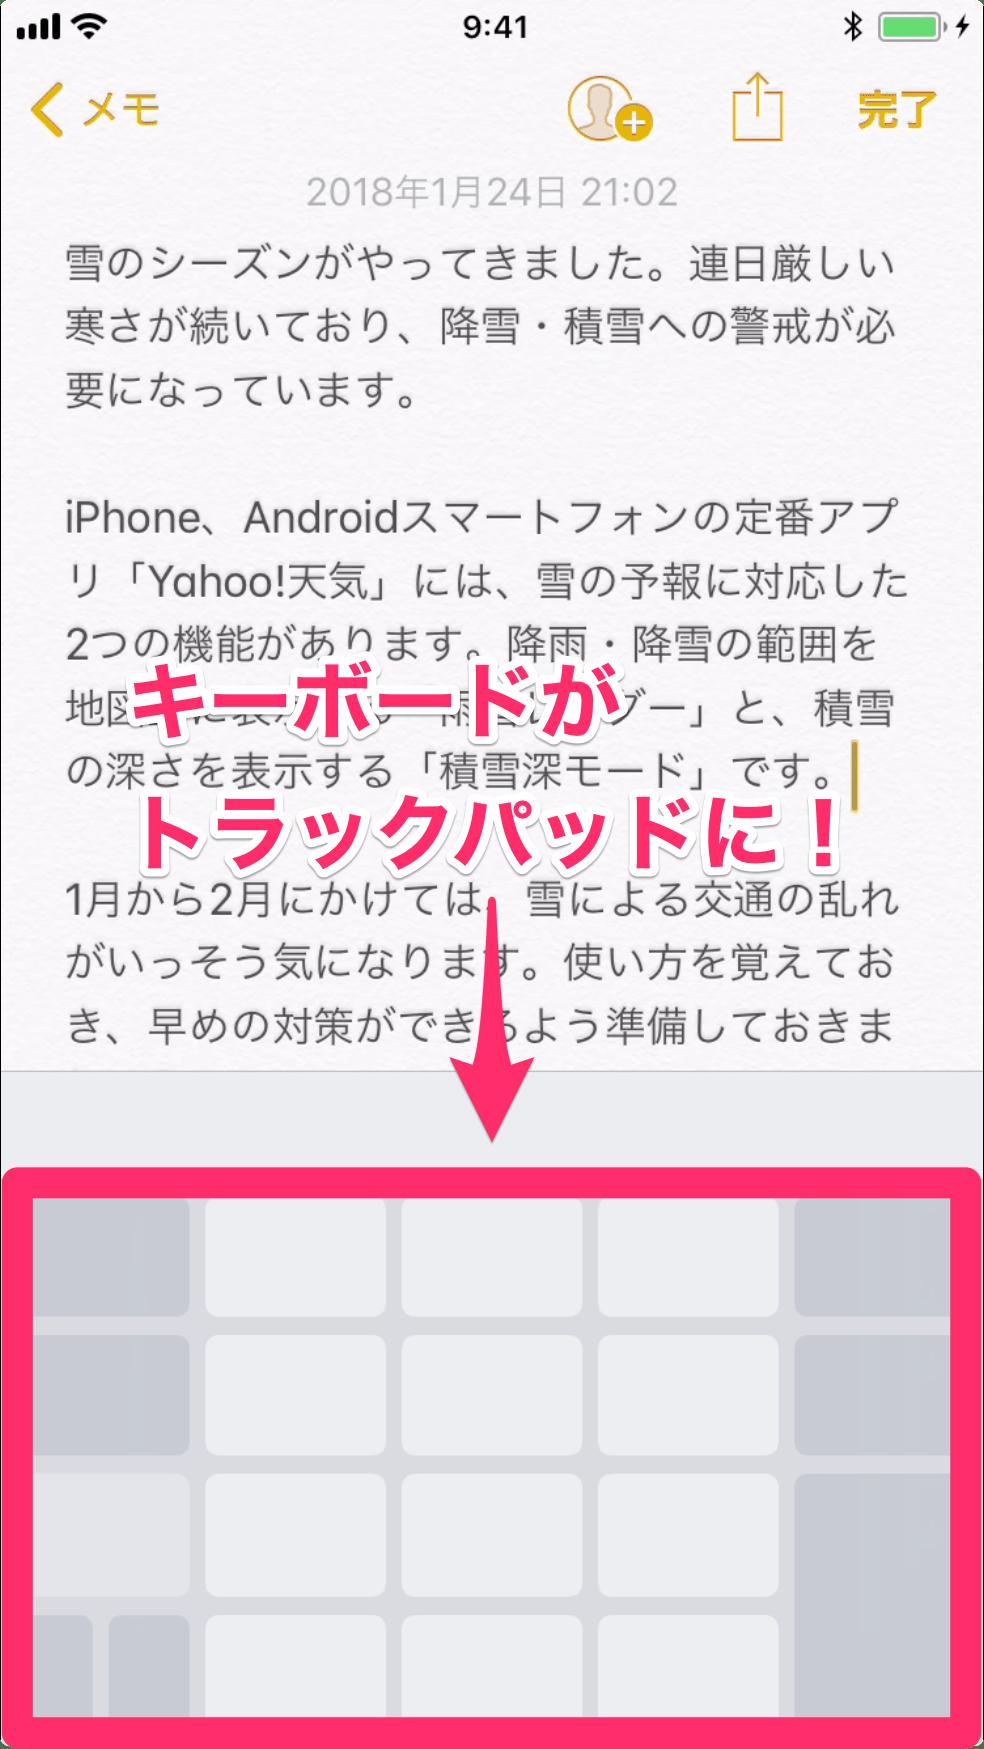 そのやり方はもう古い! iPhoneのキーボードを「トラックパッド」にすれば文字選択が超快適になる